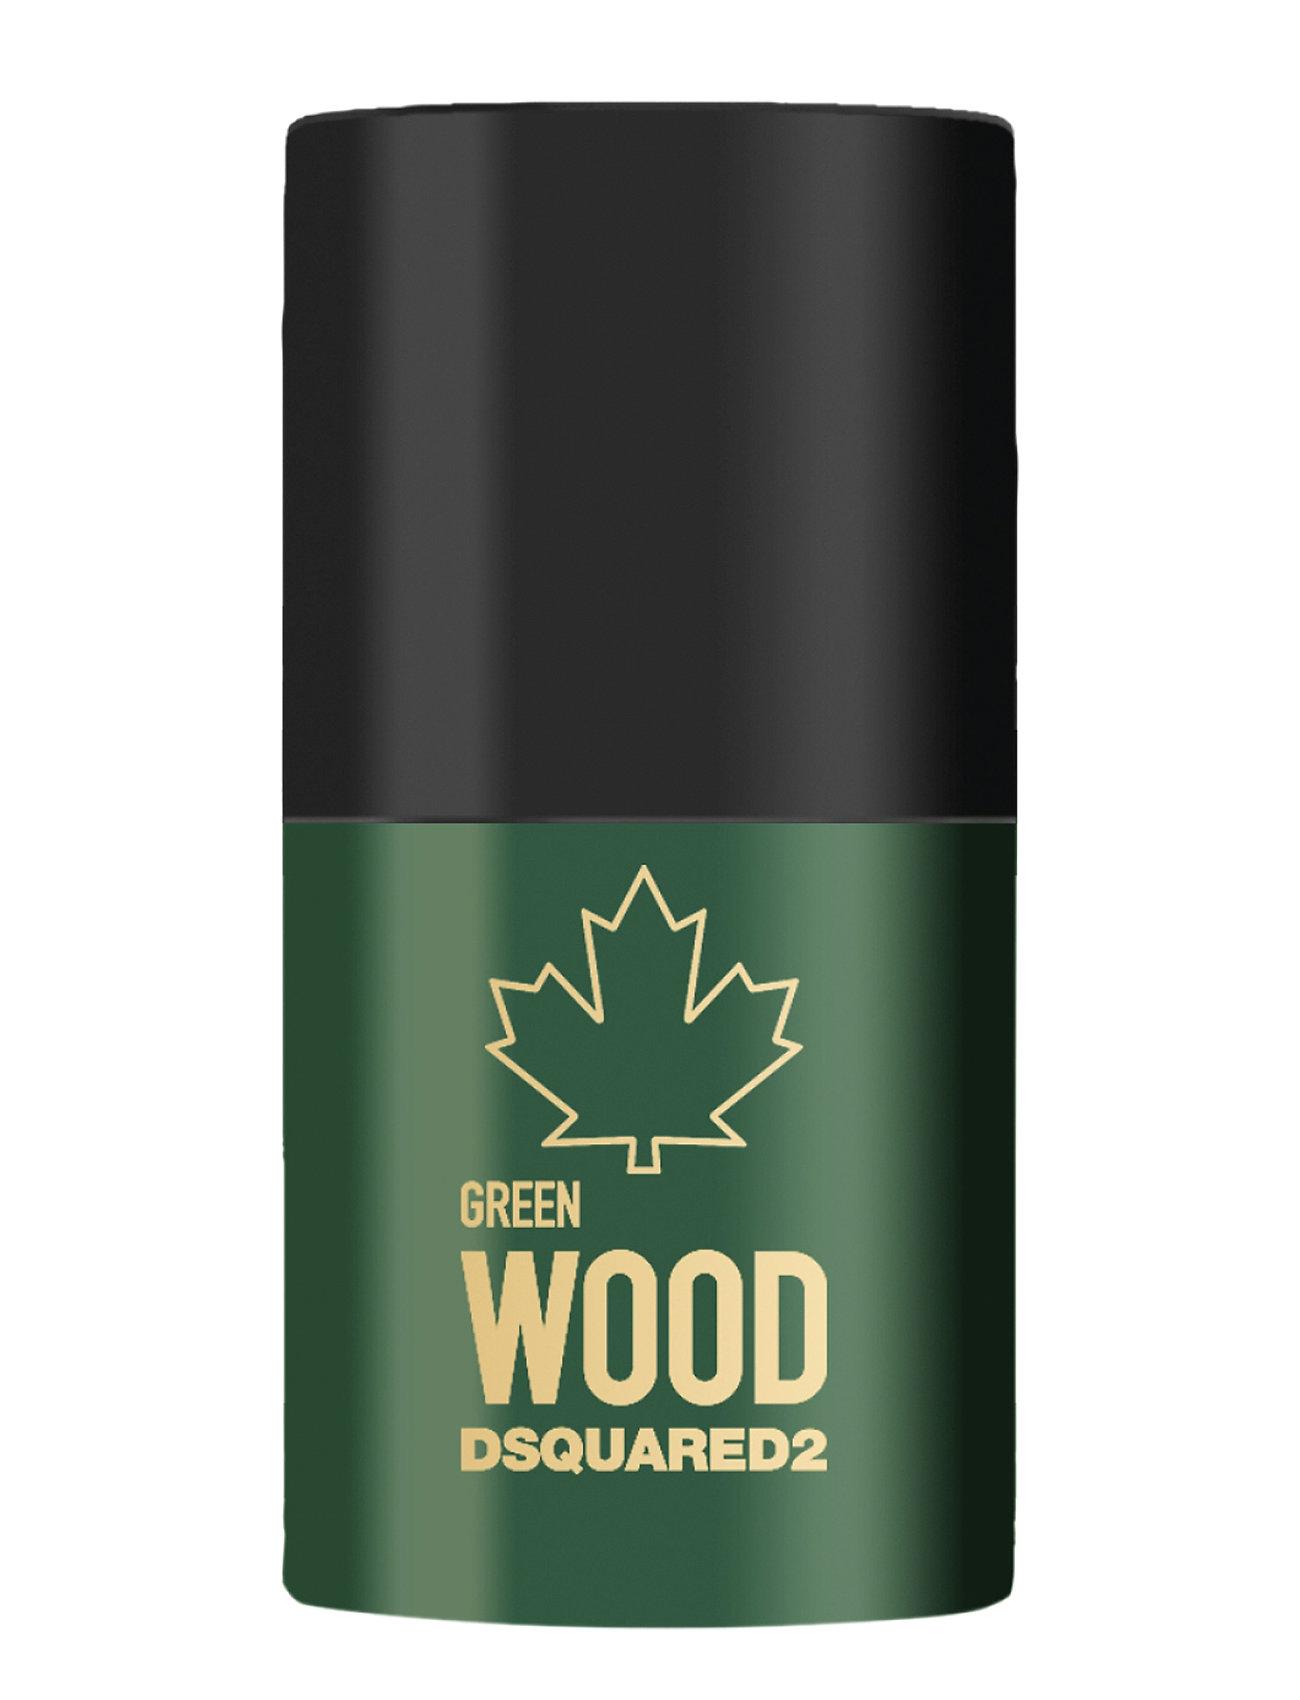 Image of Green Wood Men Deodorantstick Beauty MEN Deodorants Sticks DSQUARED2 (3406280007)